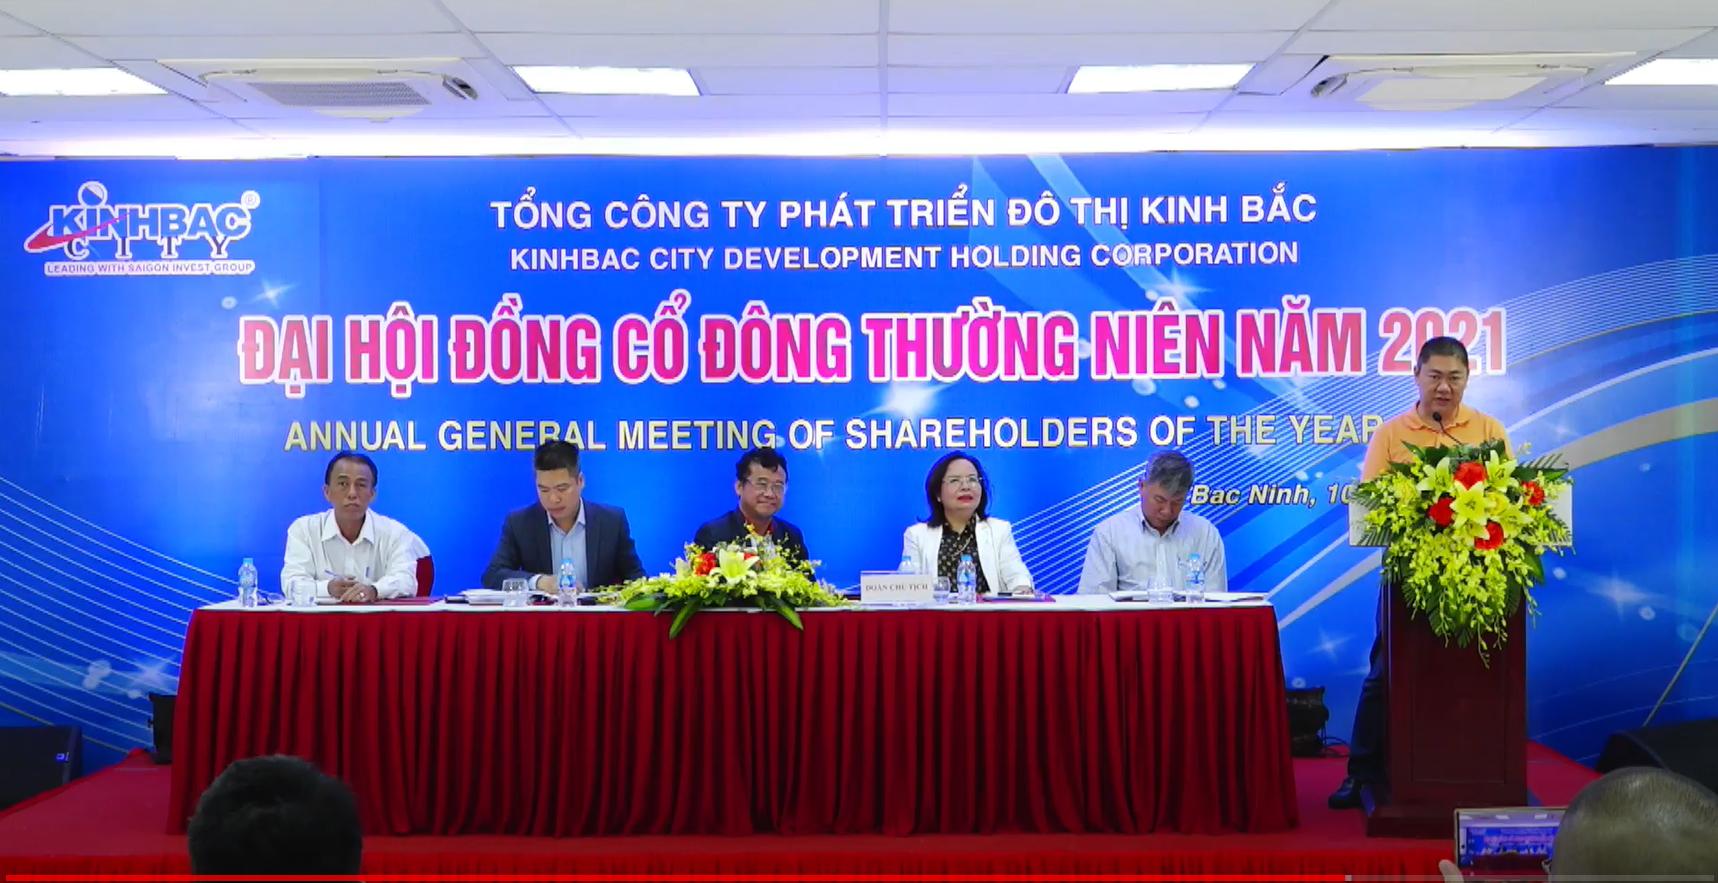 Từng hòa và lỗ, Dragon Capital sẽ từ bỏ Kinh Bắc (KBC) nếu không lãi trong lần đầu tư thứ 3 - Ảnh 1.